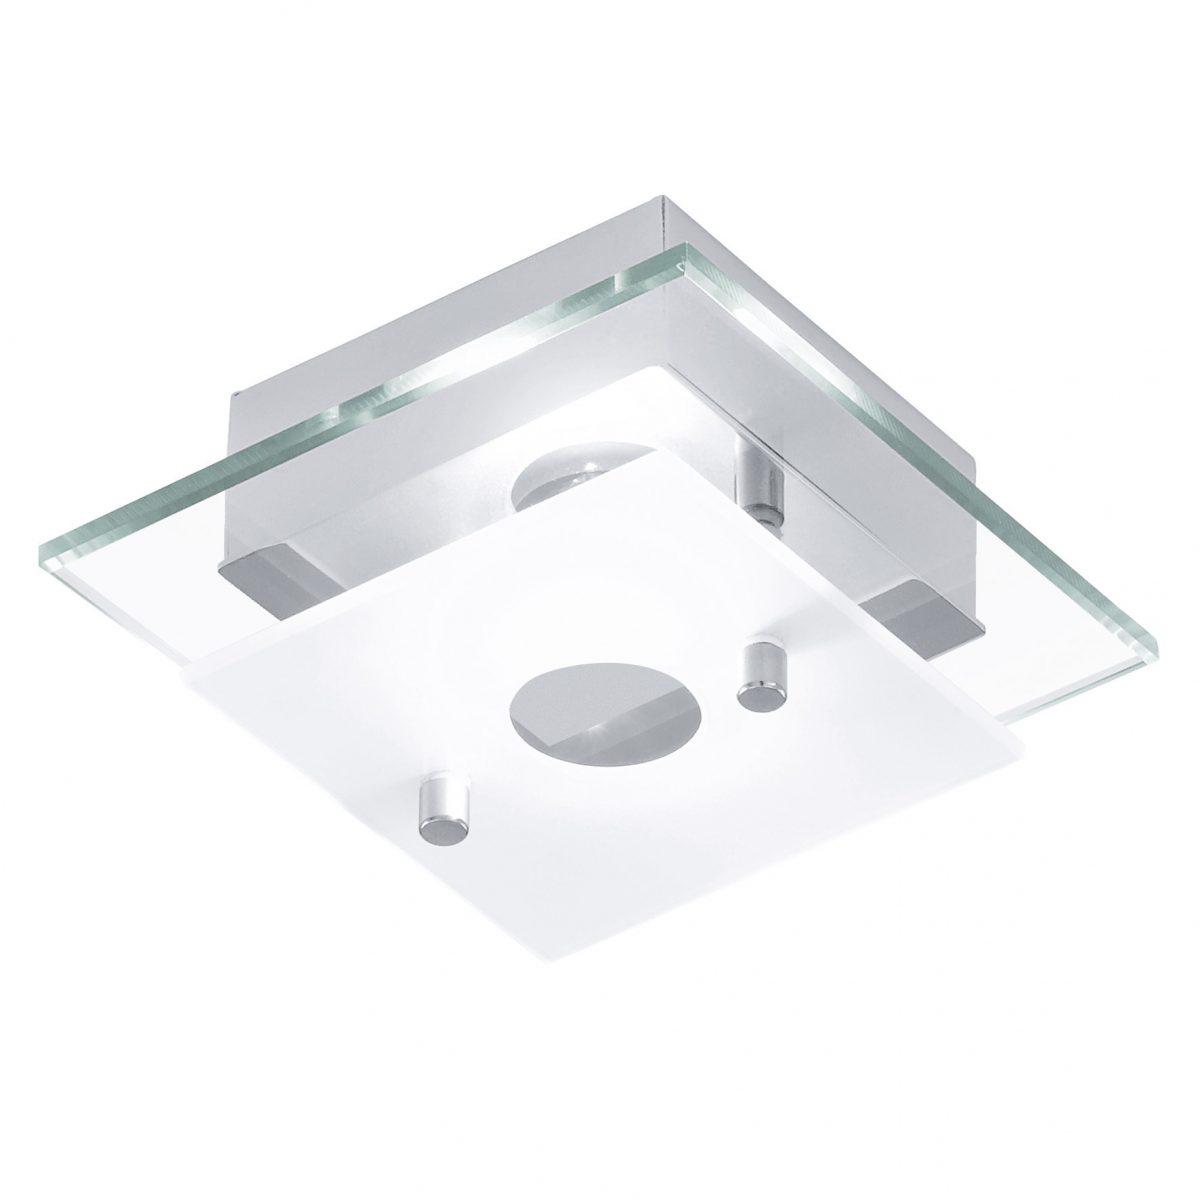 Светильник настенно-потолочный BANTRY EGLO 91197 - Фото №28